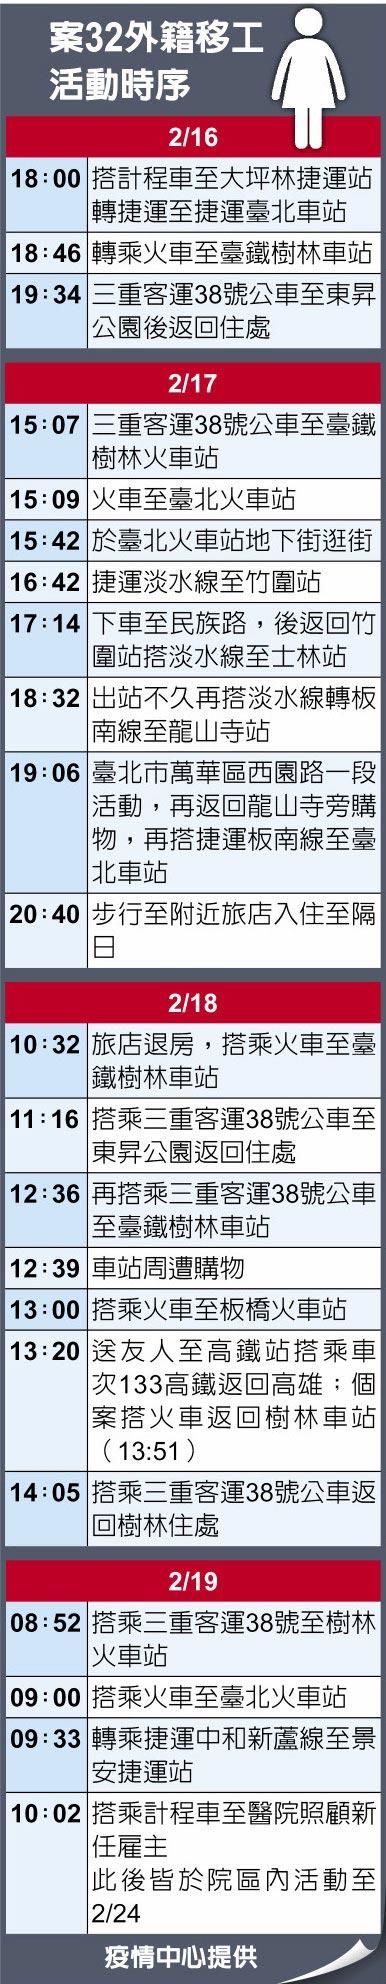 案32外籍移工活動時序